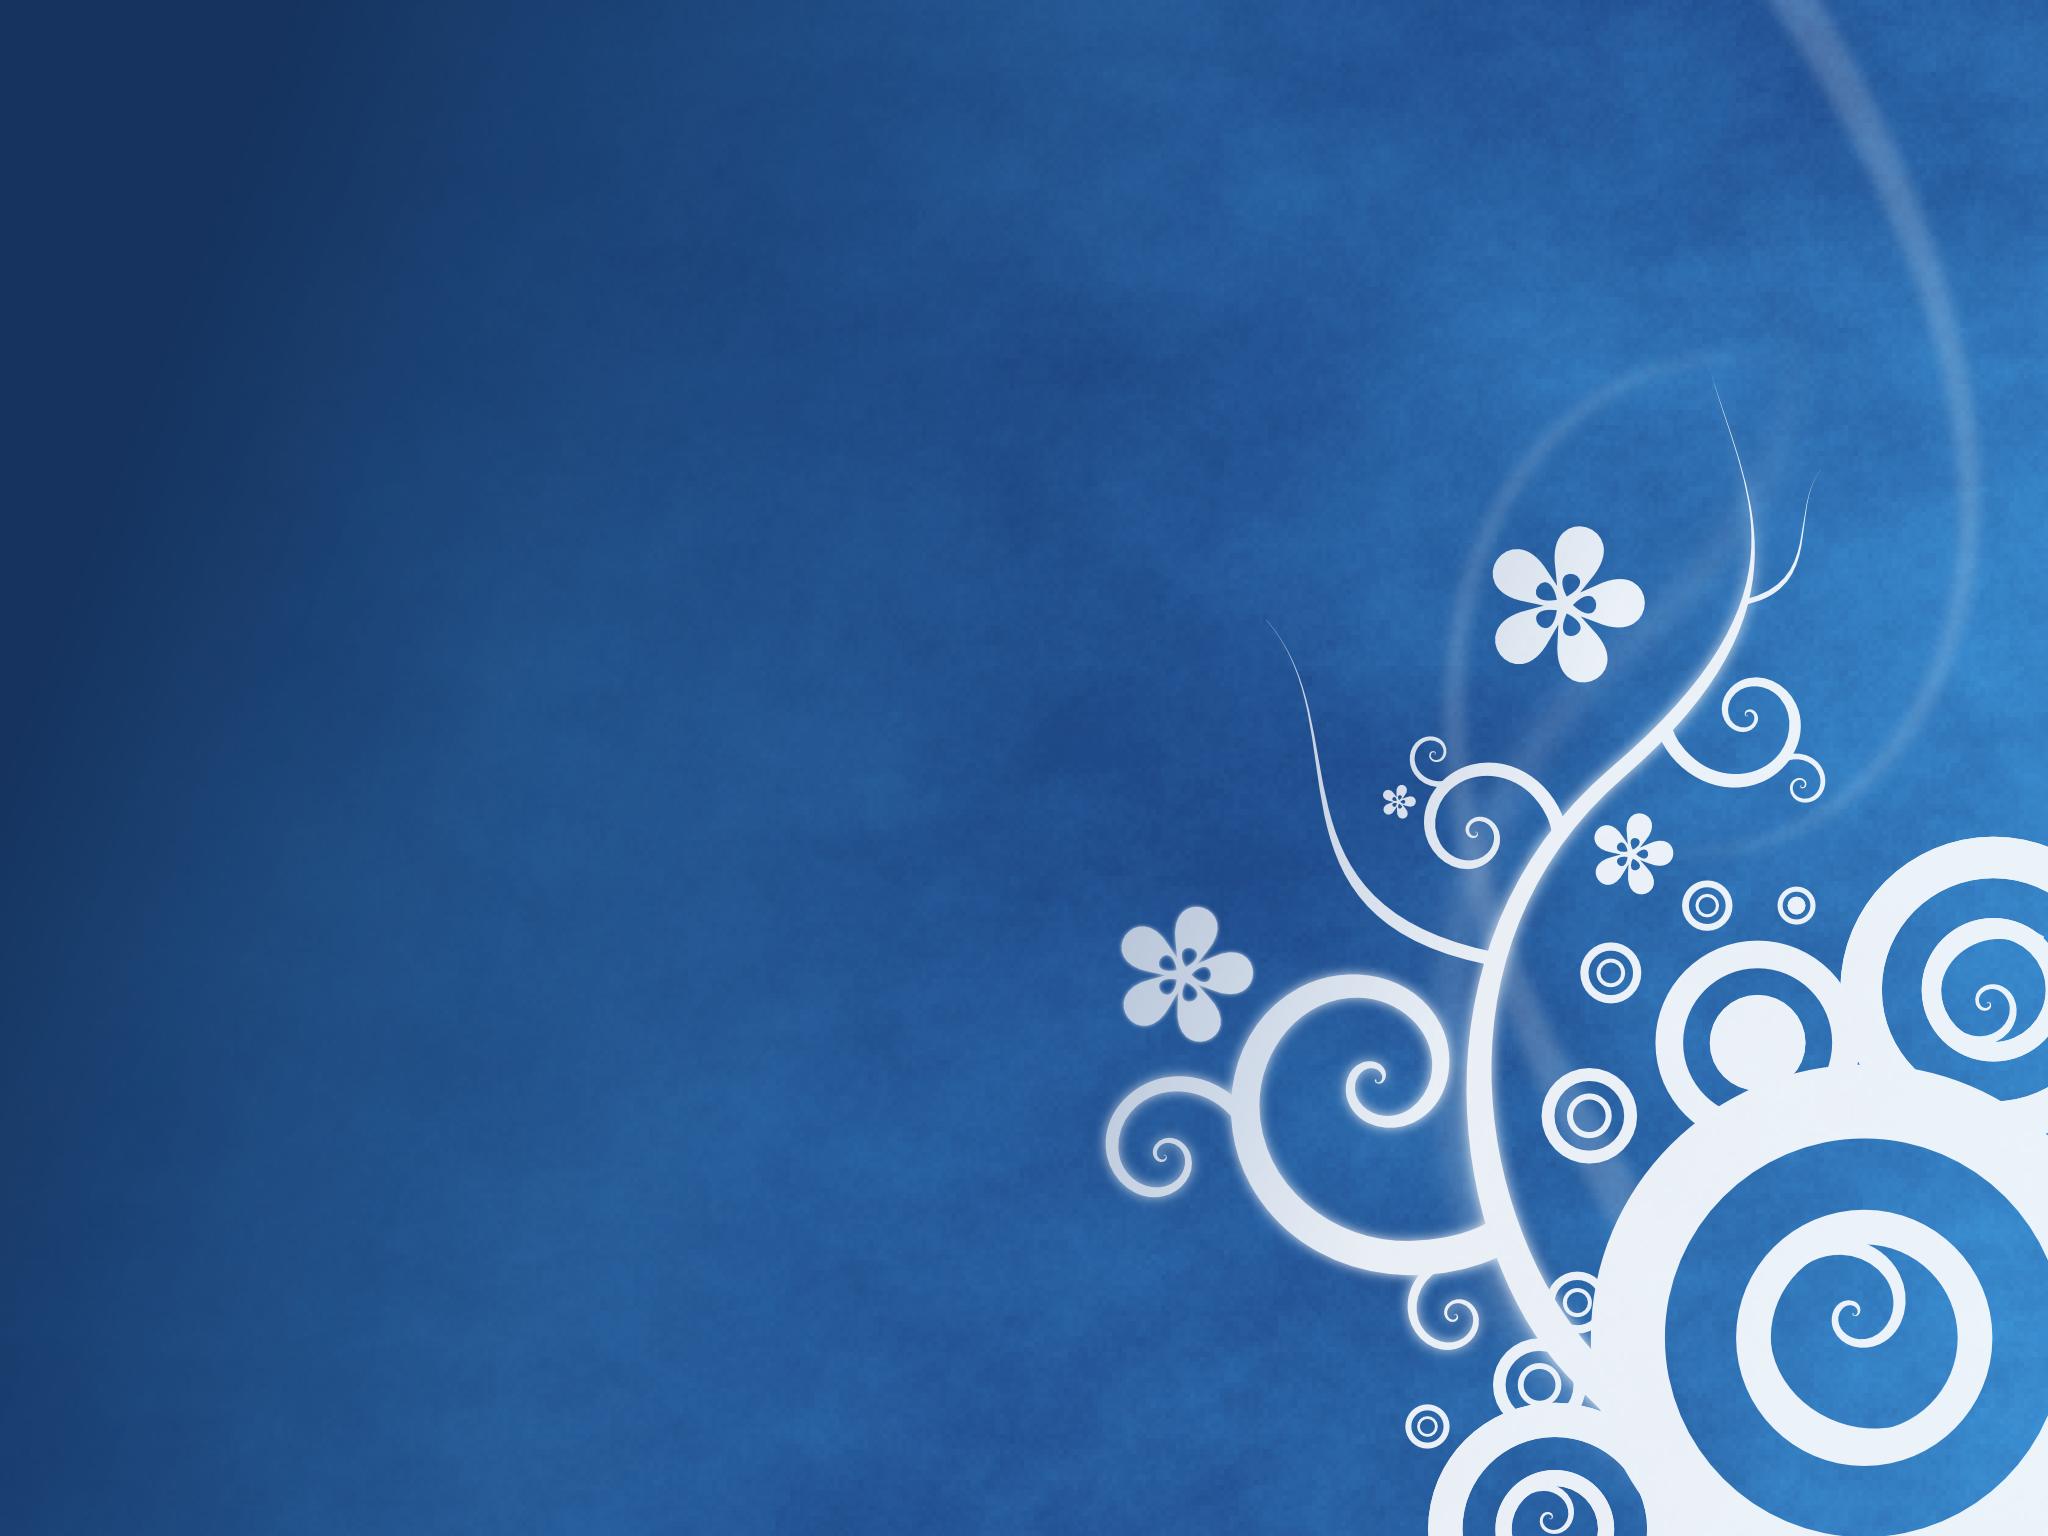 Abstract Blue Ipad 2048X1536 Pixel id 157504 BUZZERG 2048x1536